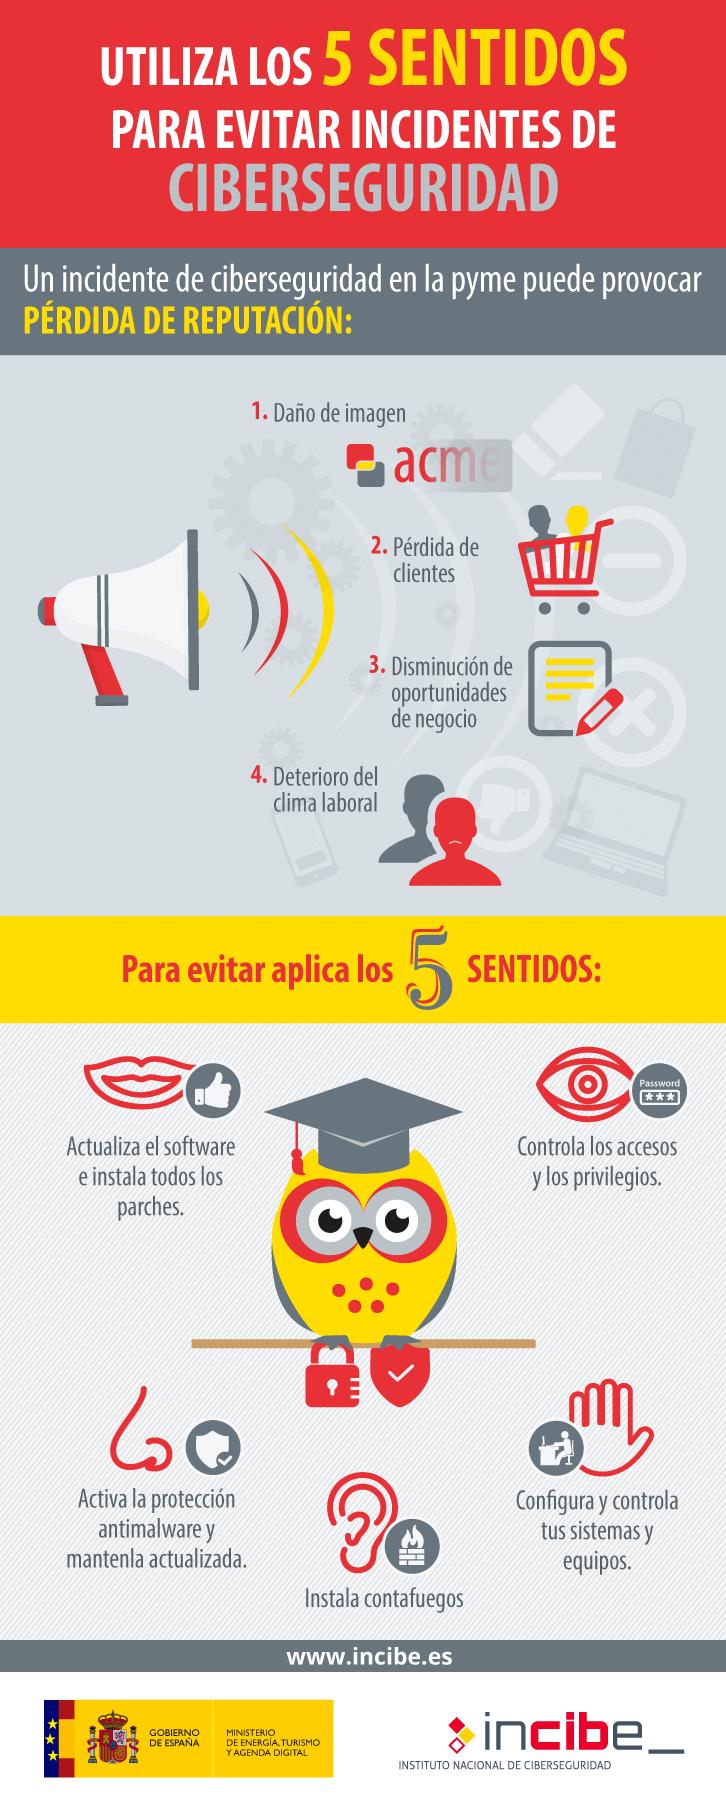 Utiliza los 5 sentidos para prevenir incidentes de ciberseguridad